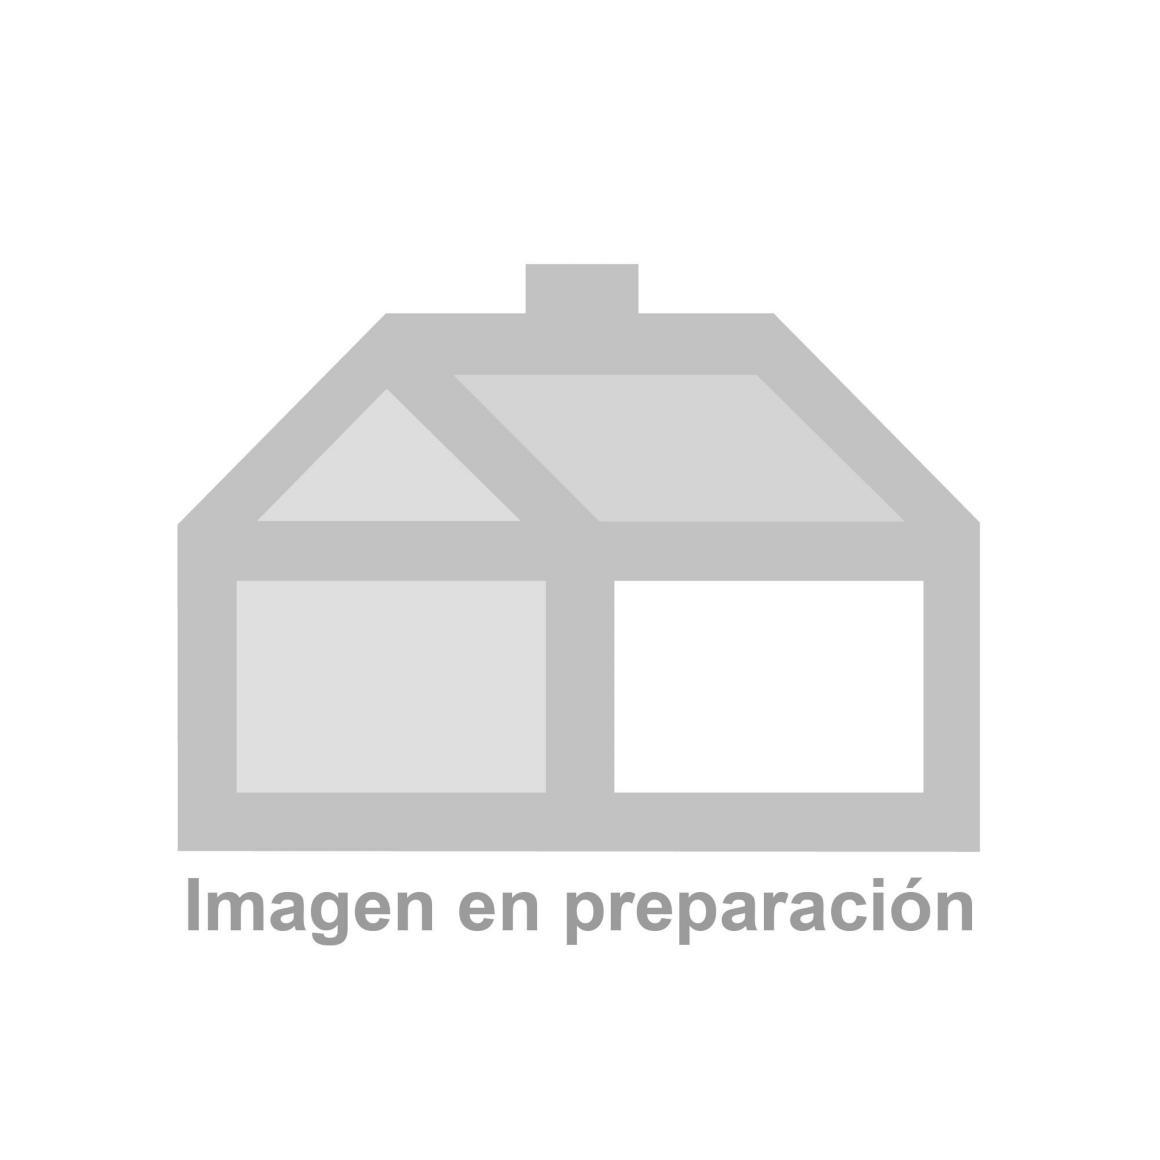 Arco de sierra semi-profesional 12